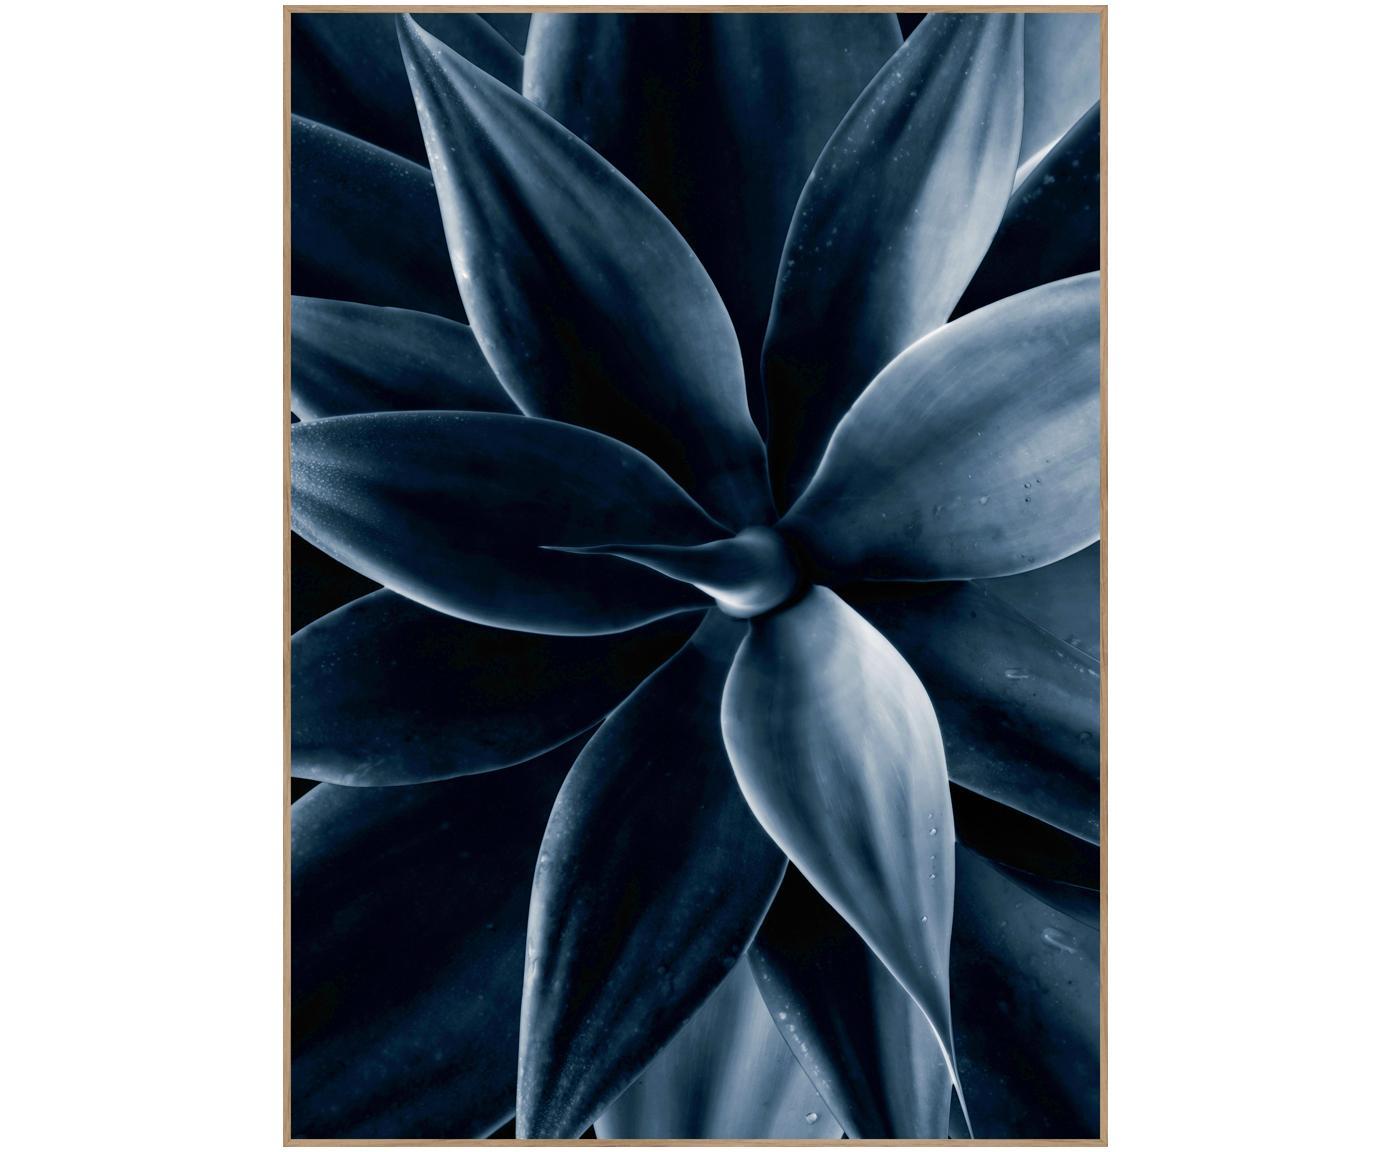 Gerahmter Digitaldruck Dark Plant I, Bild: Digitaldruck auf Papier (, Rahmen: Hochdichte Holzfaserplatt, Schwarz, Blau, 50 x 70 cm